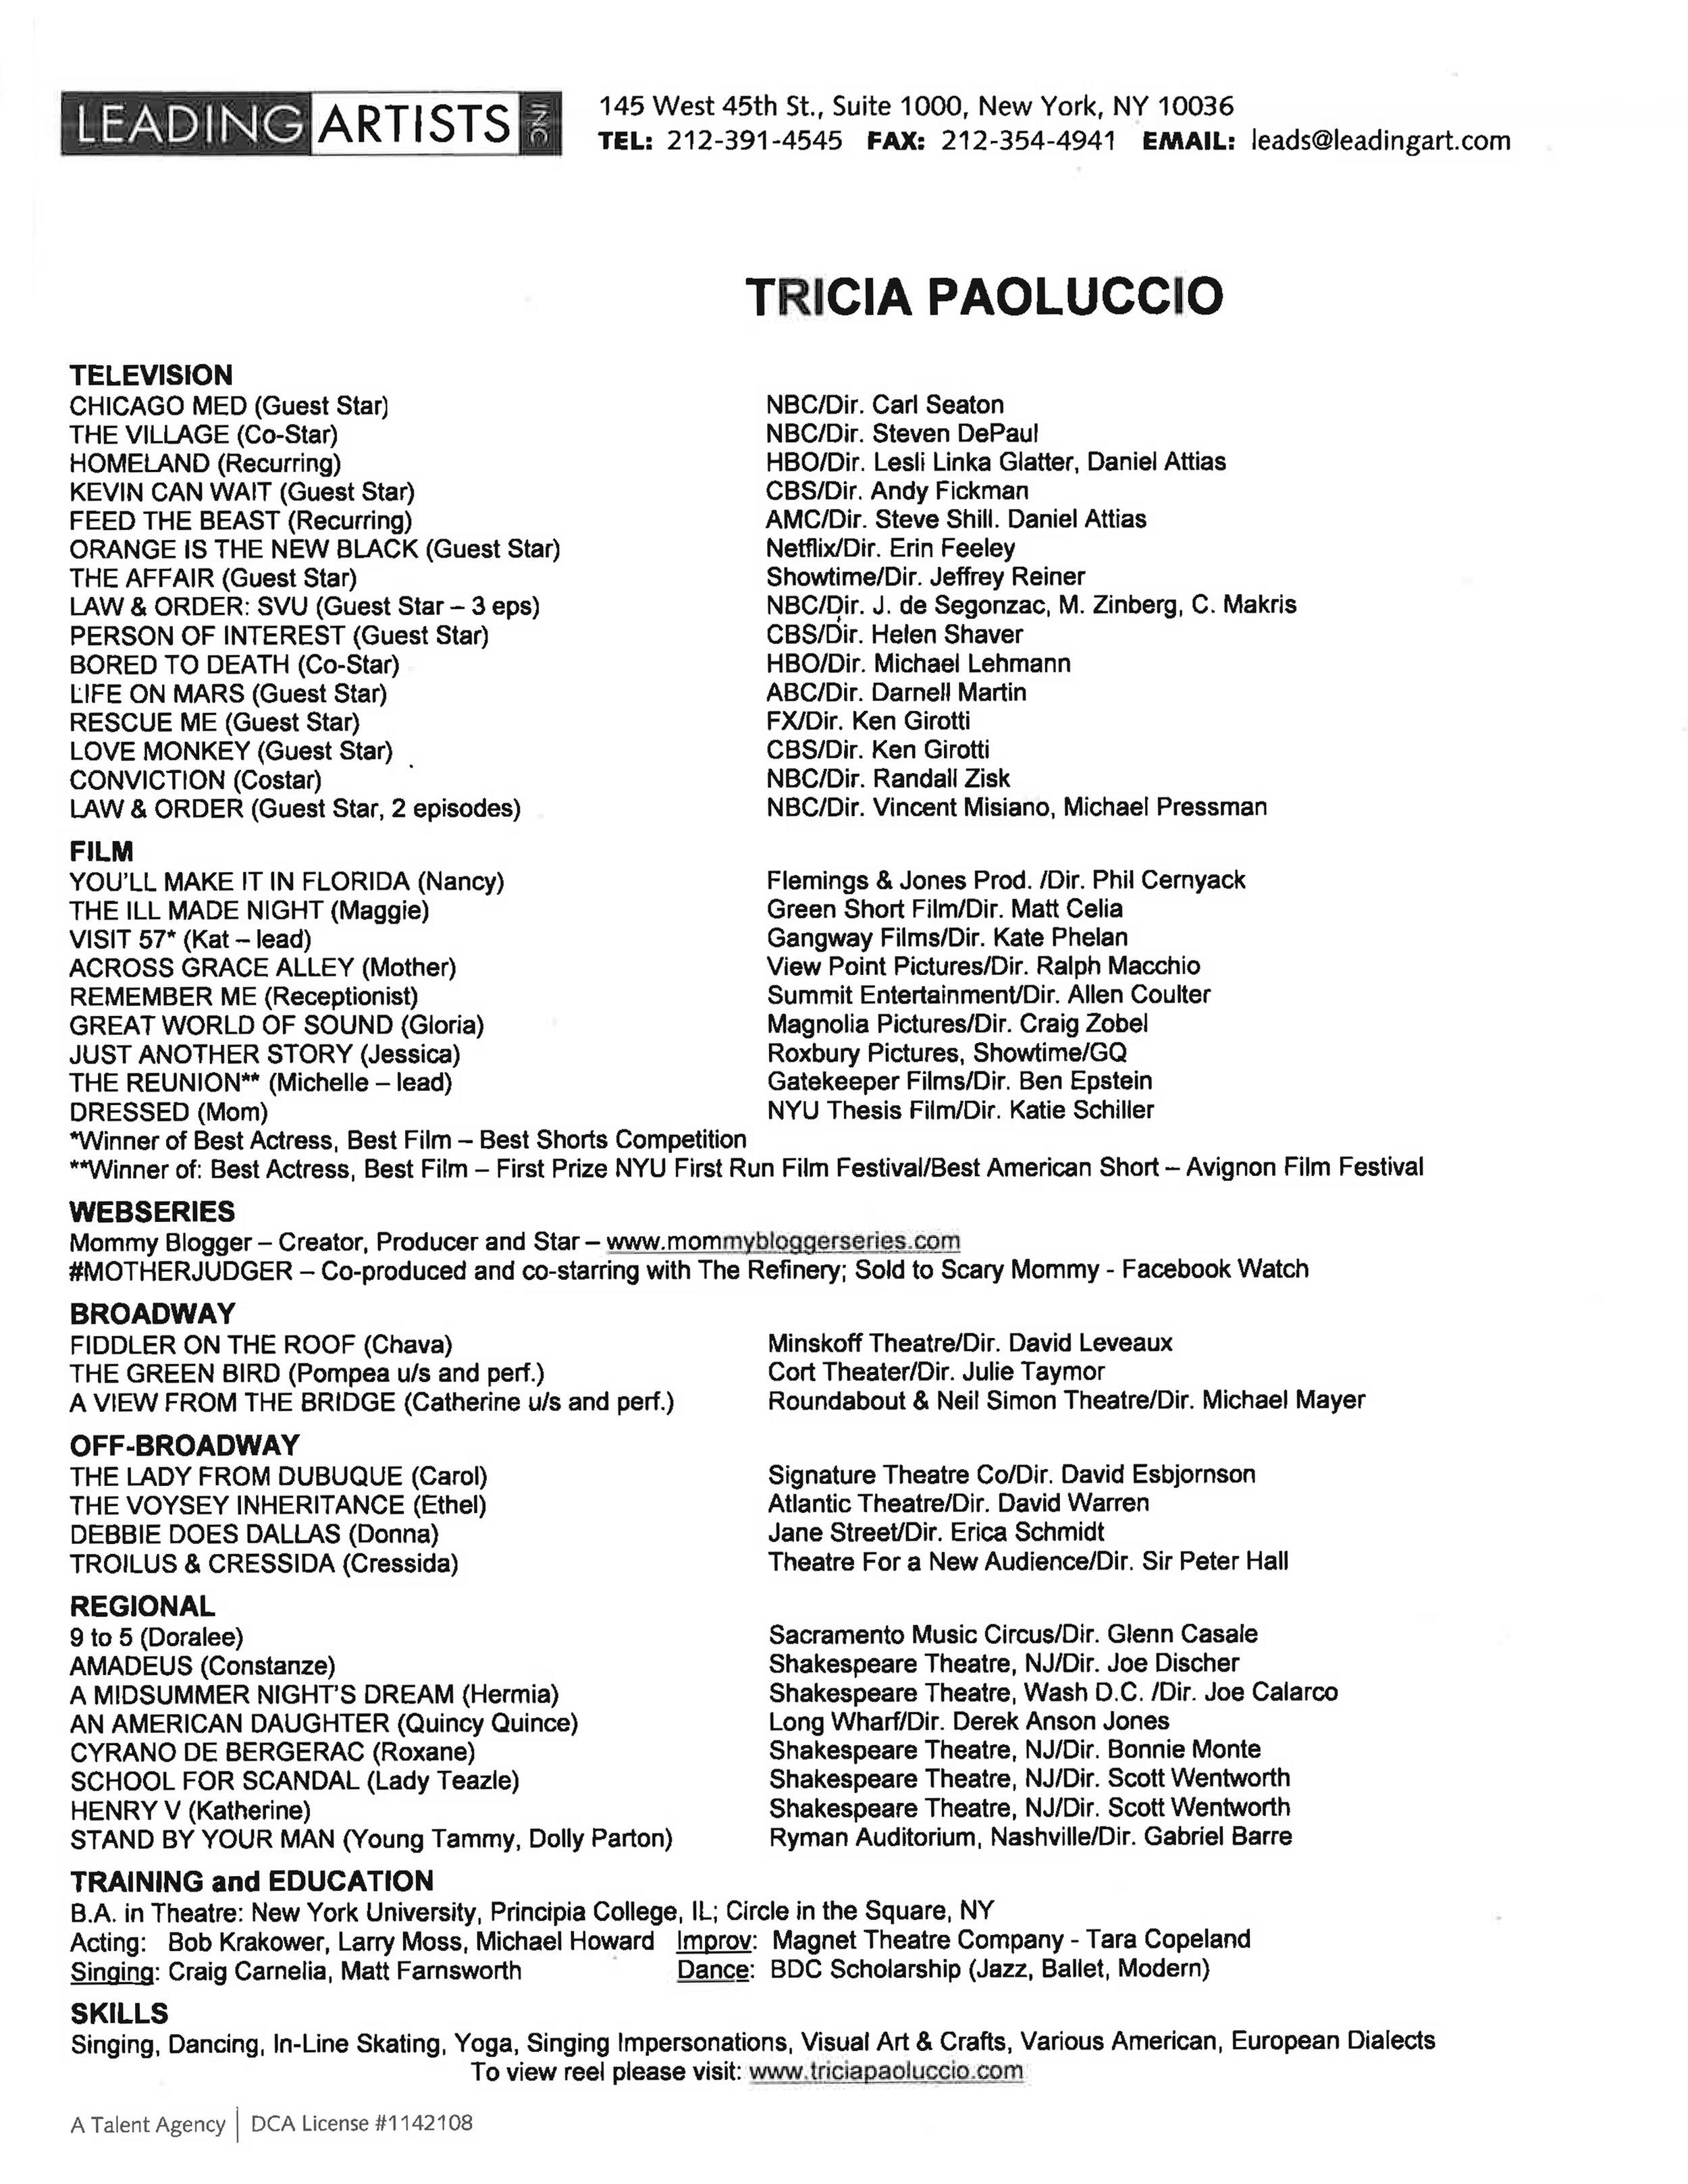 2019-resume-PAOLUCCIO,-Tricia.jpg